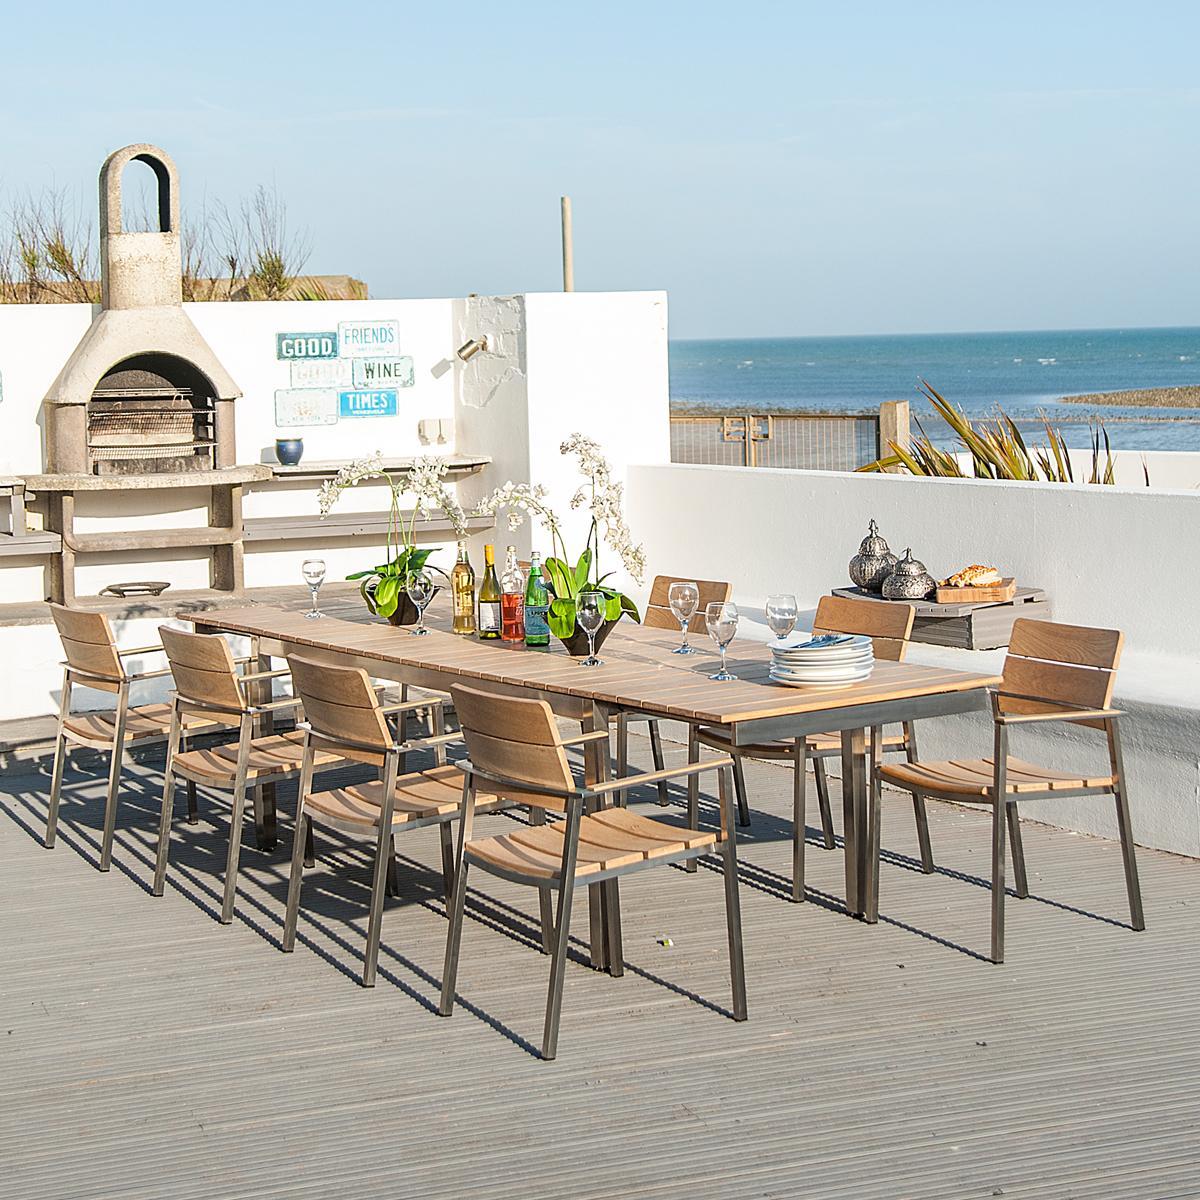 alexander rose cologne 8 seat dining set. Black Bedroom Furniture Sets. Home Design Ideas